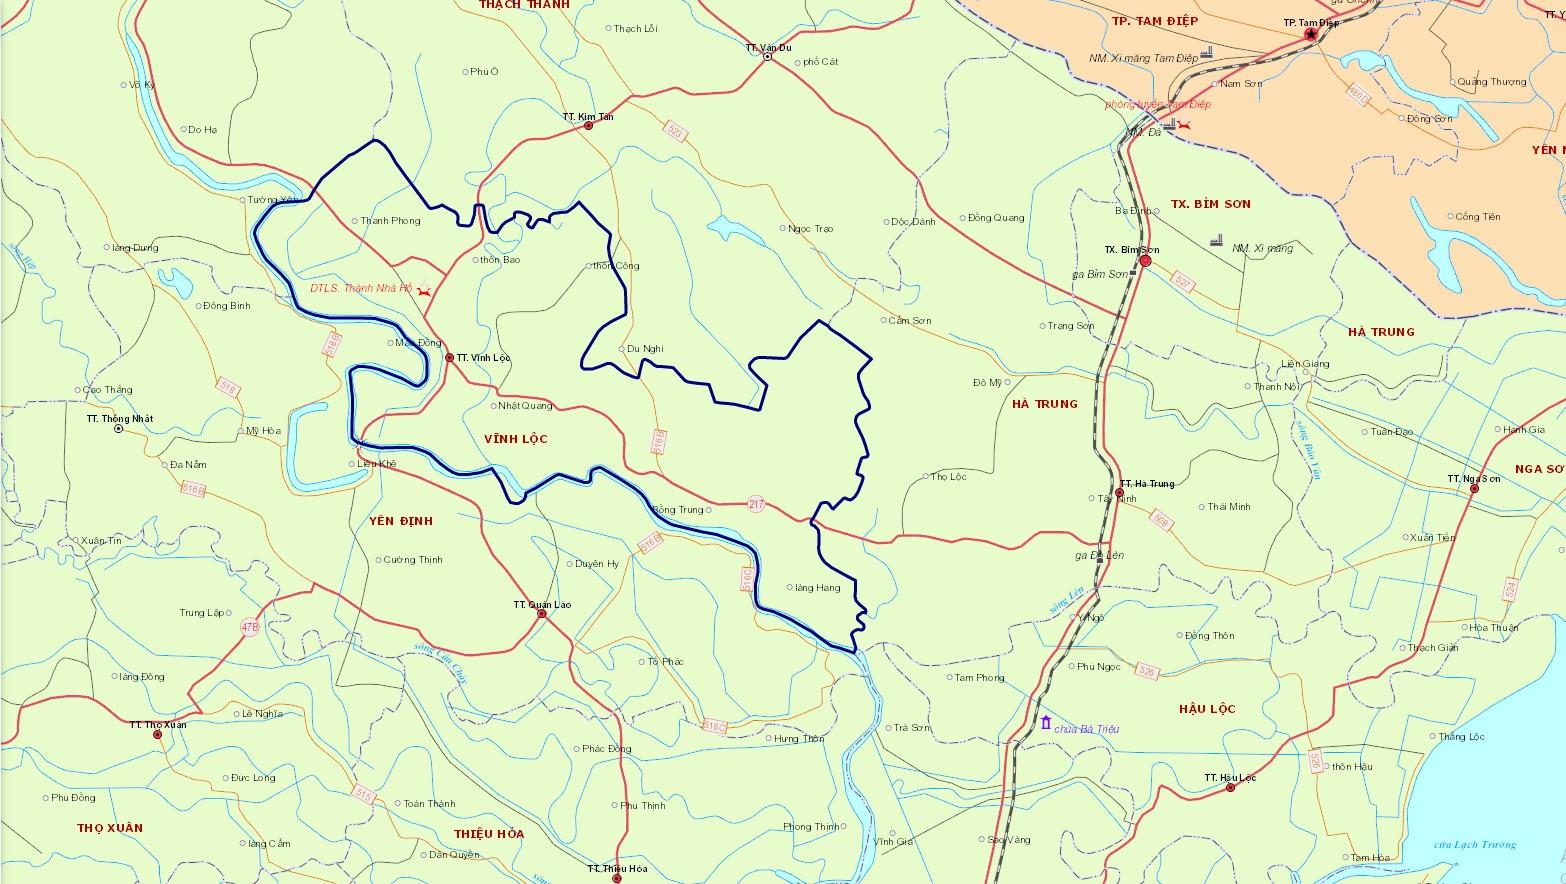 Bản đồ hành chính huyện Vĩnh Lộc